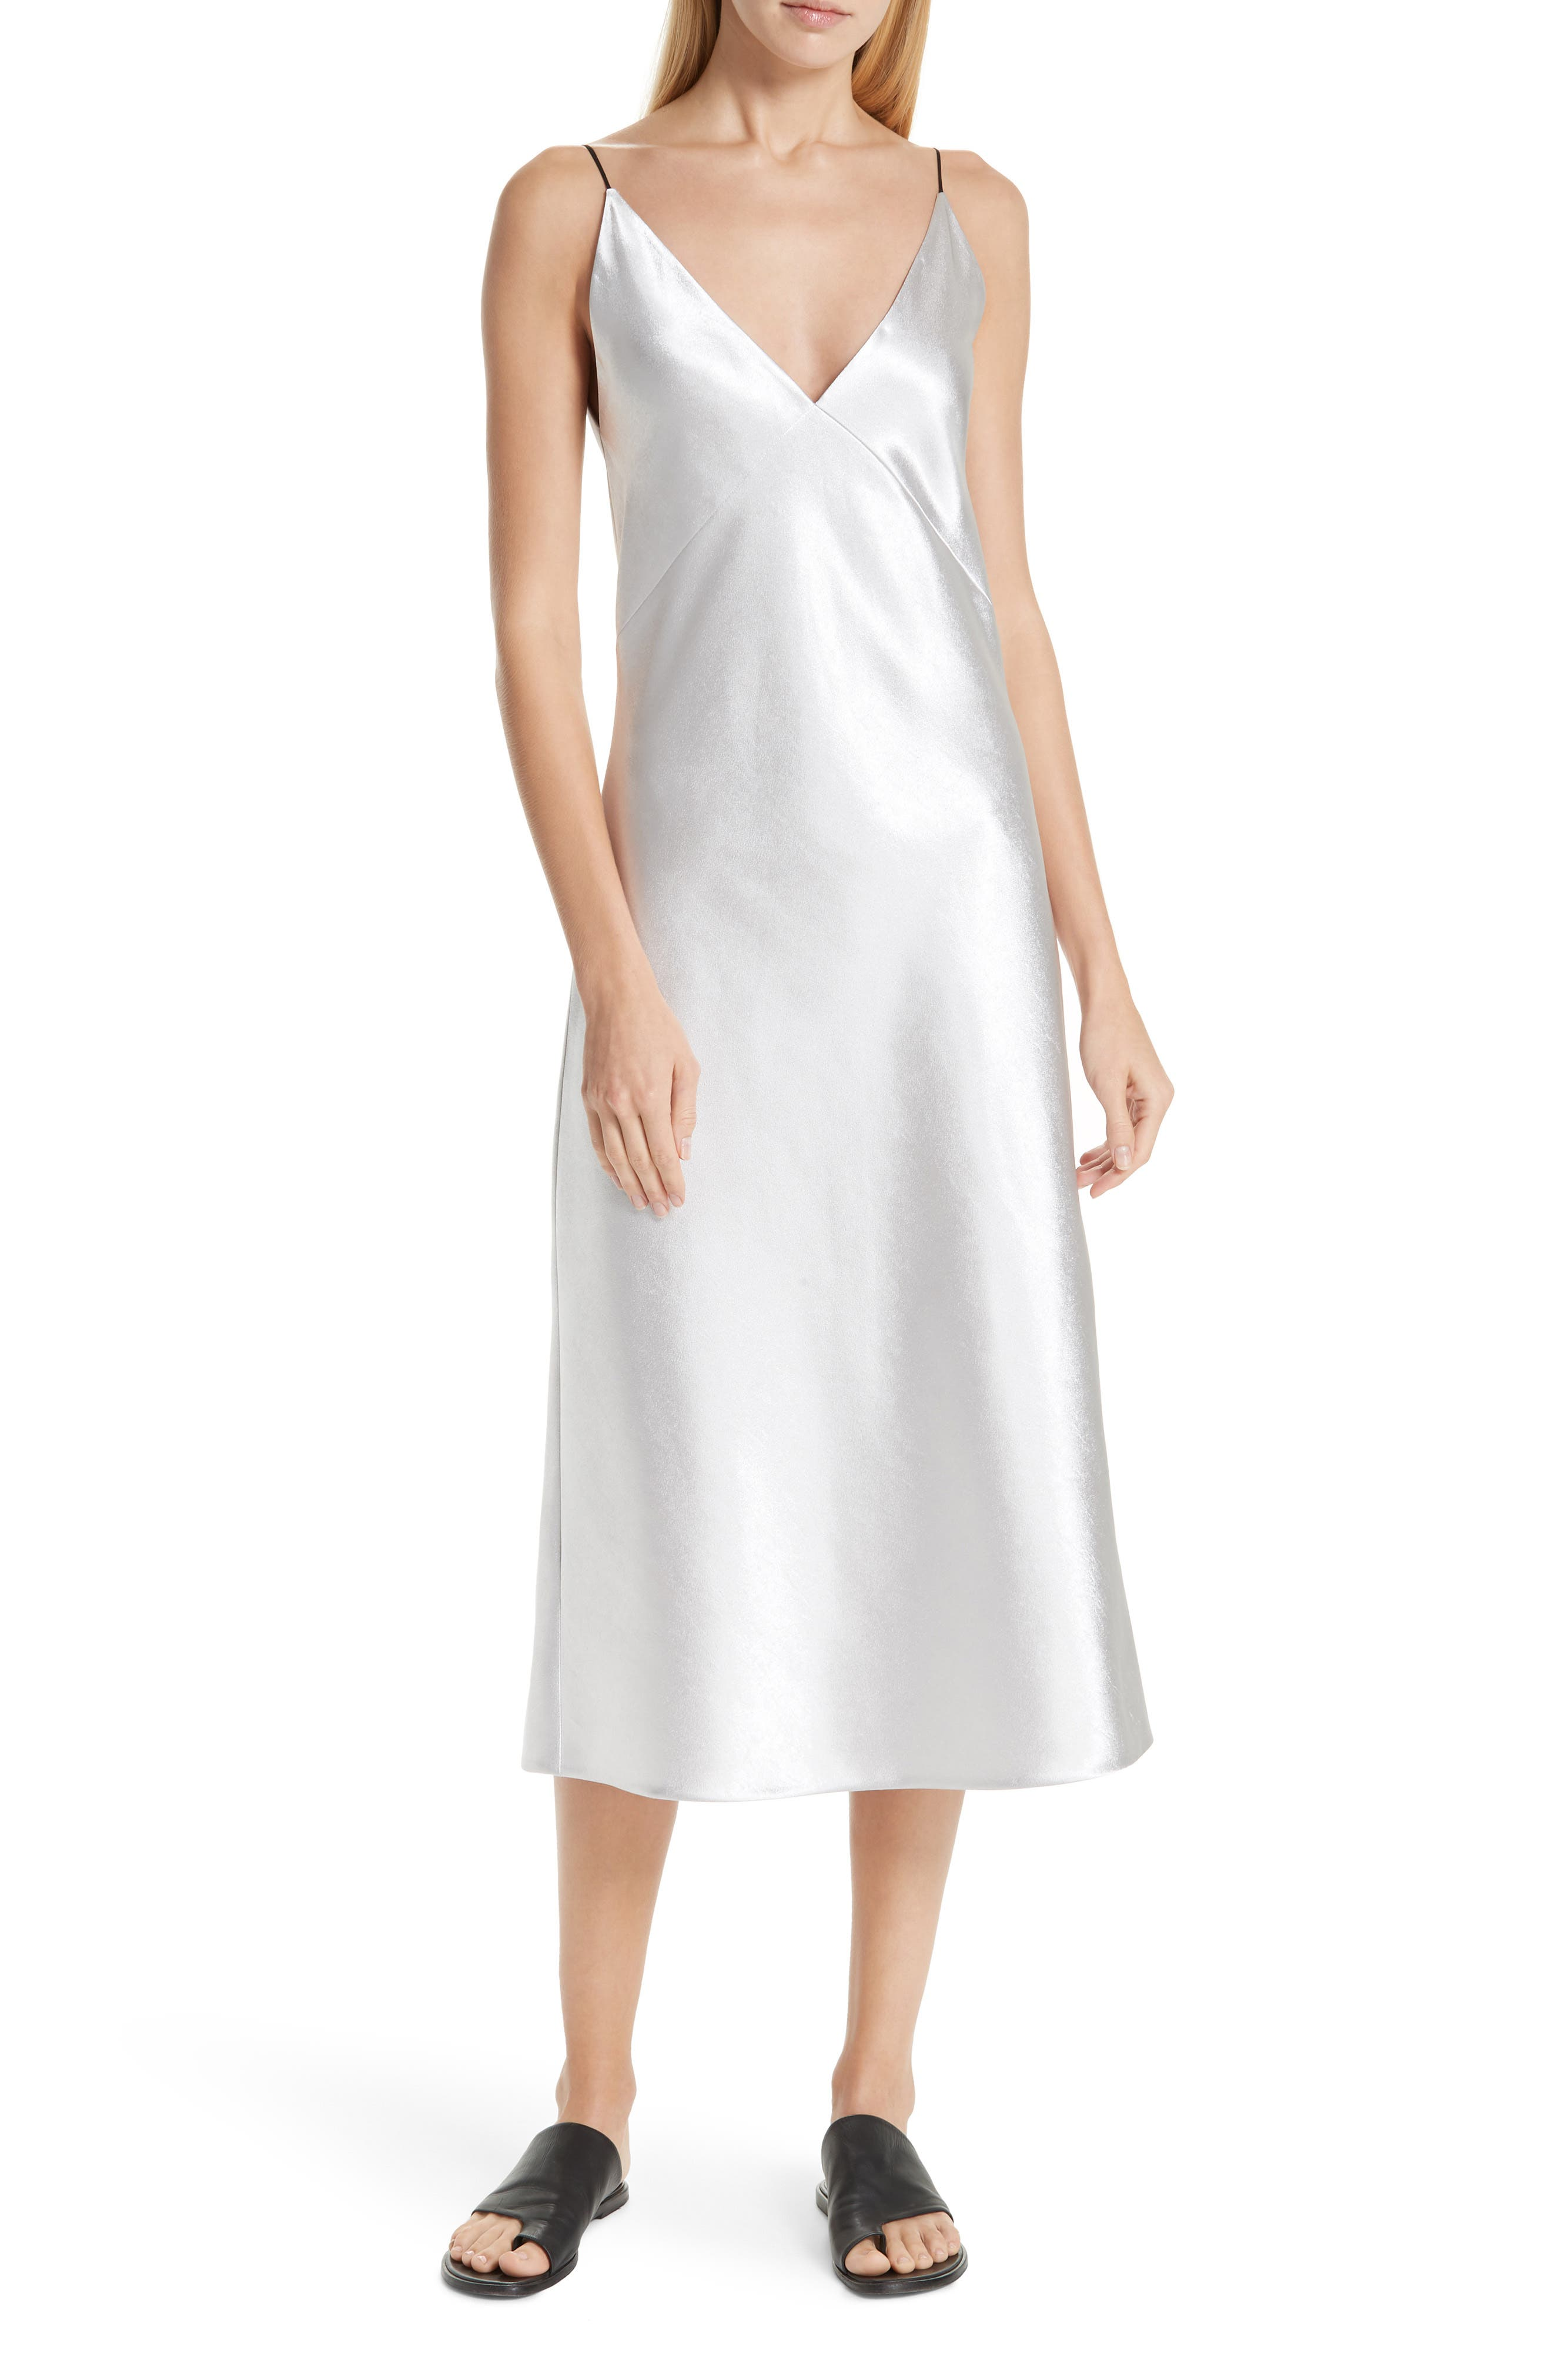 Vintage Inspired Slips Womens Vince V-Neck Bias Cut Dress Size Large - Metallic $176.98 AT vintagedancer.com